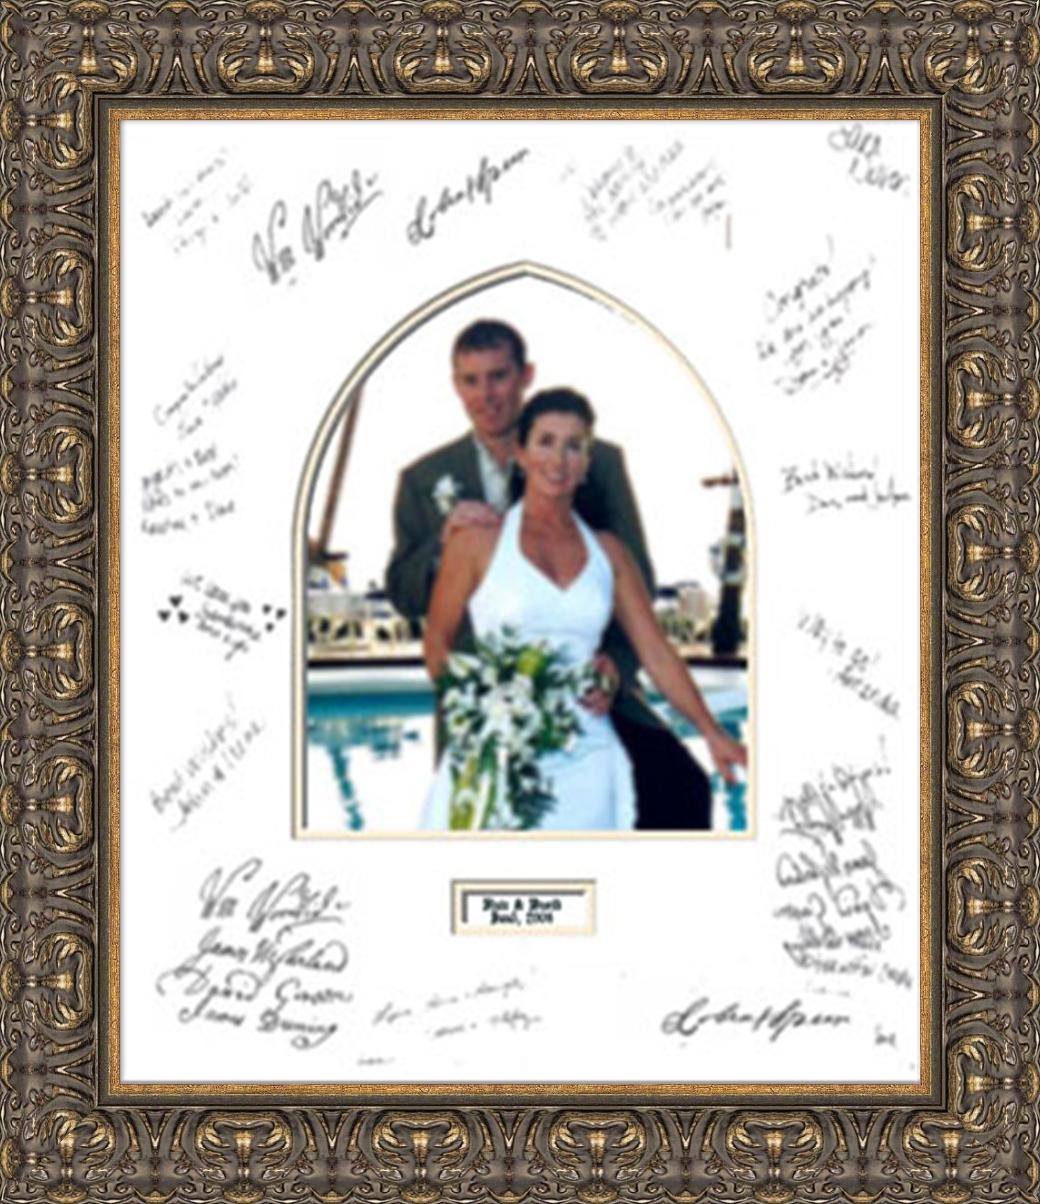 signature mats arthaus custom picture framing